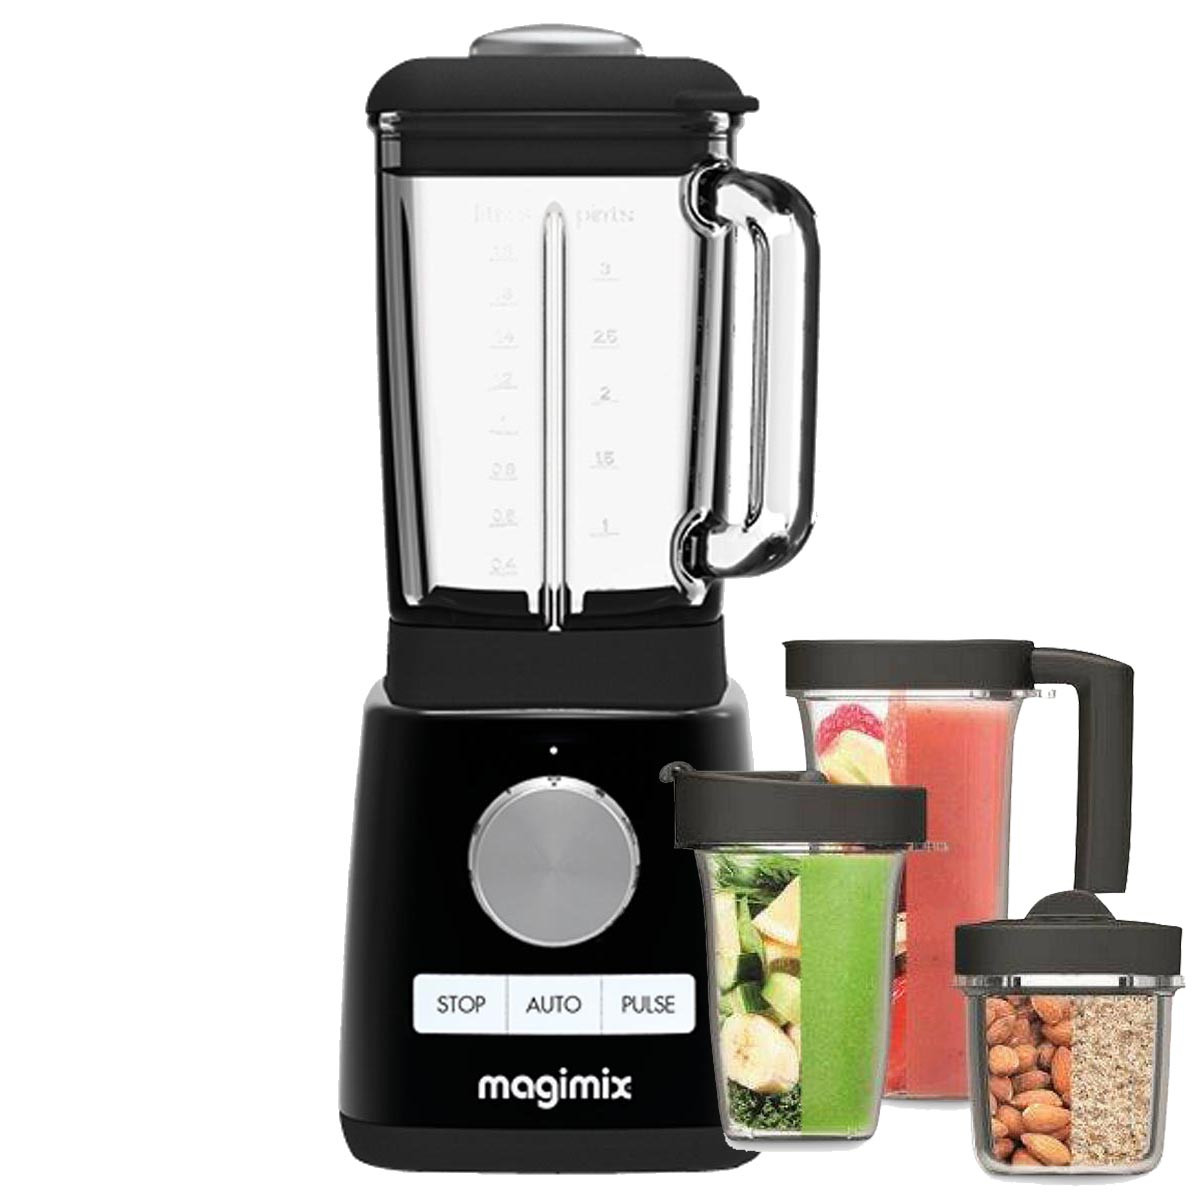 Magimix Premium Blender in Black